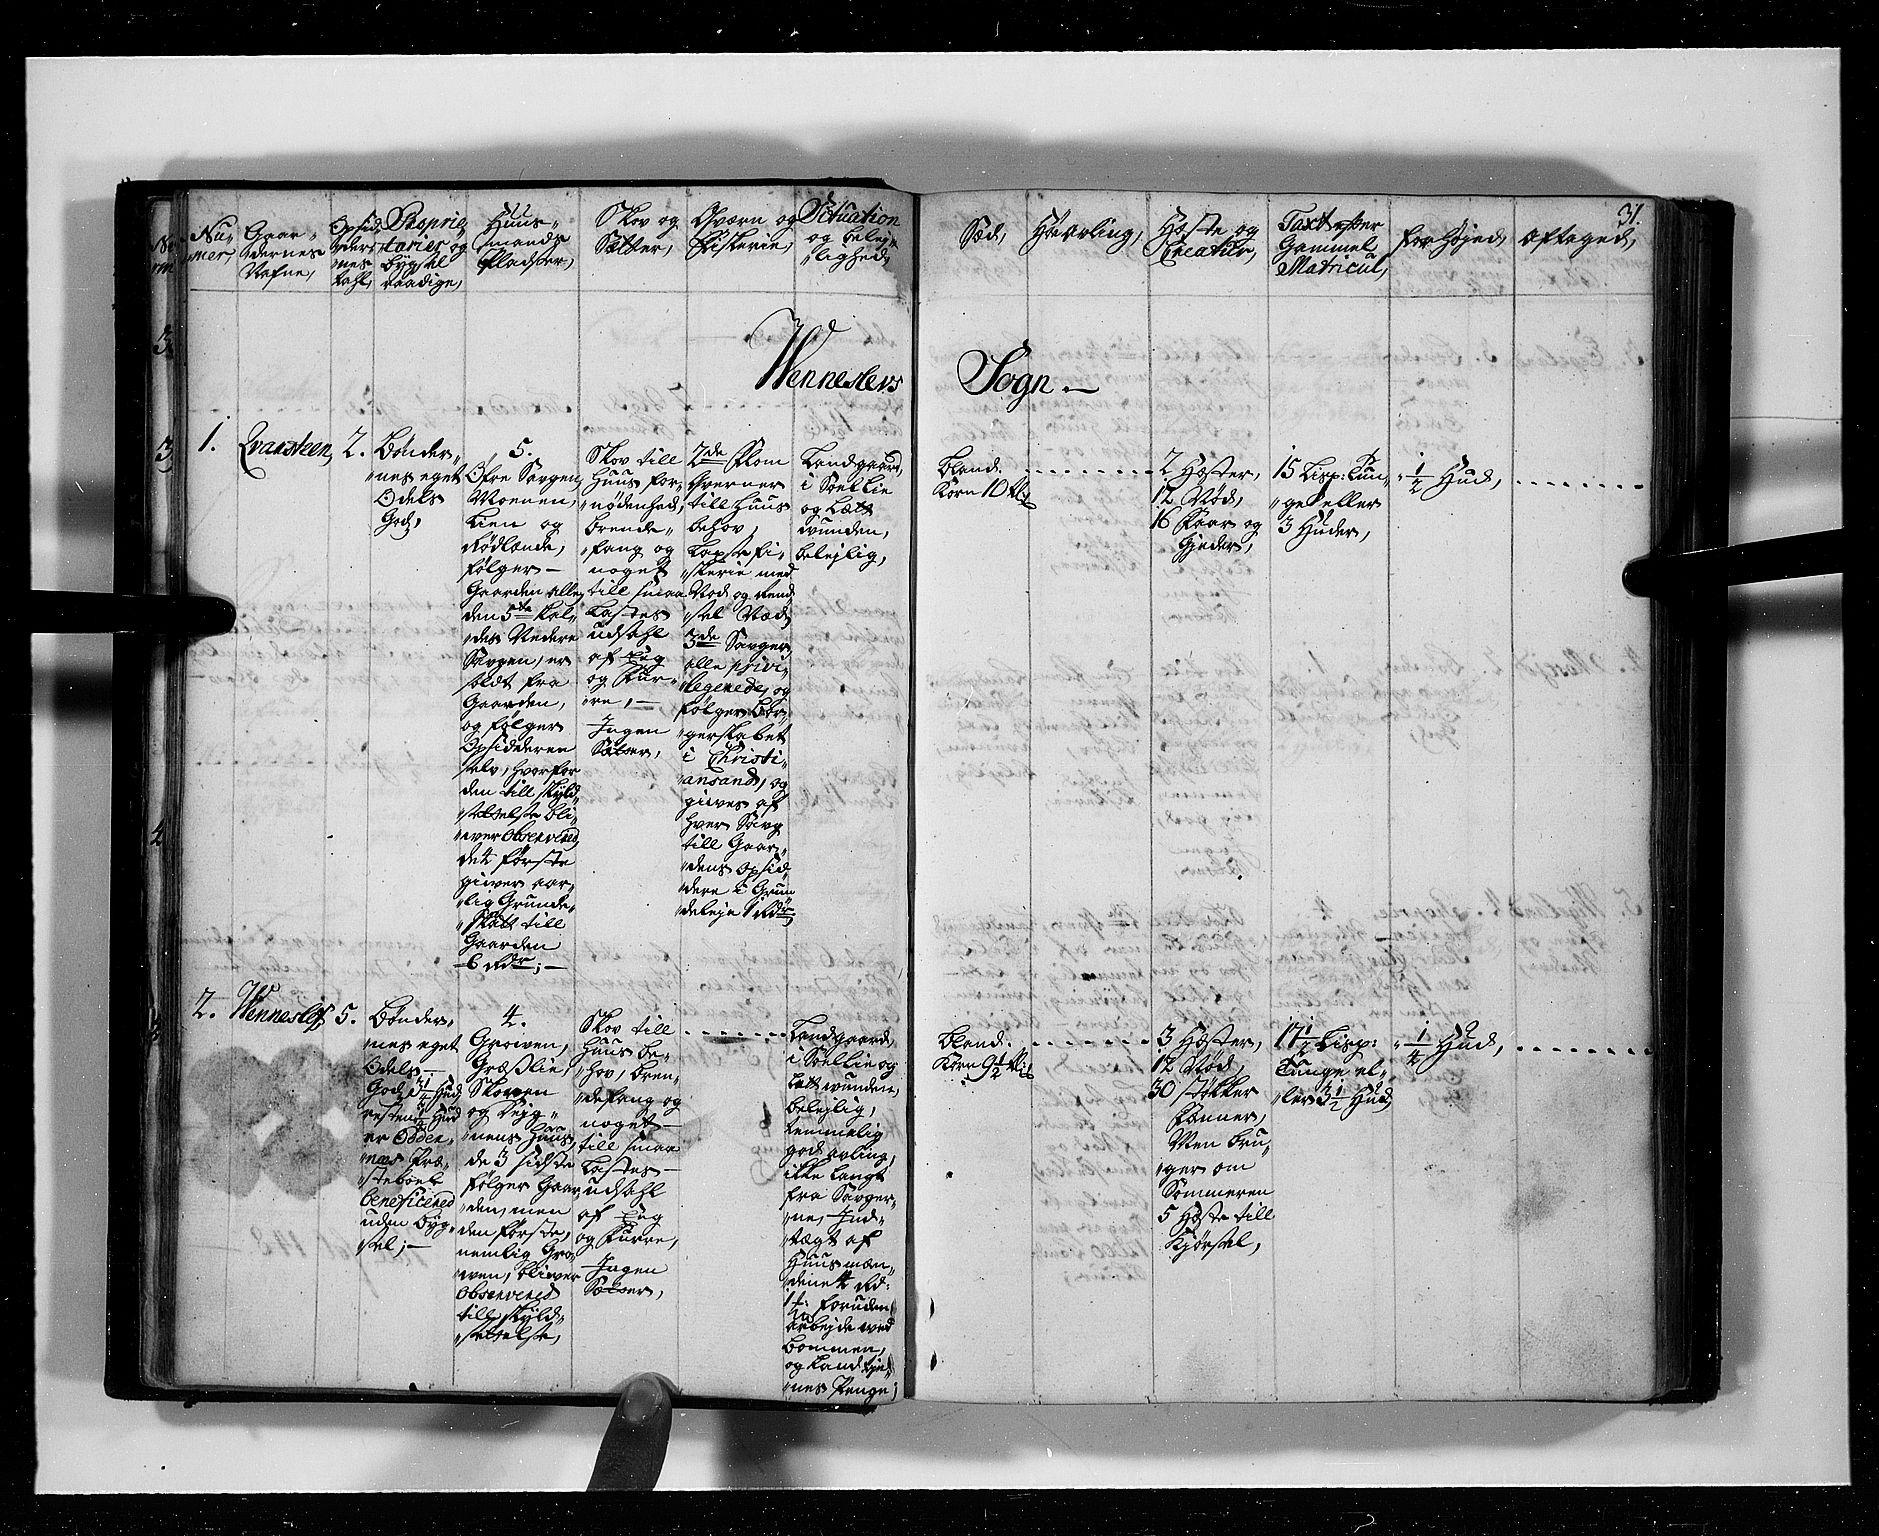 RA, Rentekammeret inntil 1814, Realistisk ordnet avdeling, N/Nb/Nbf/L0127: Mandal eksaminasjonsprotokoll, 1723, s. 30b-31a